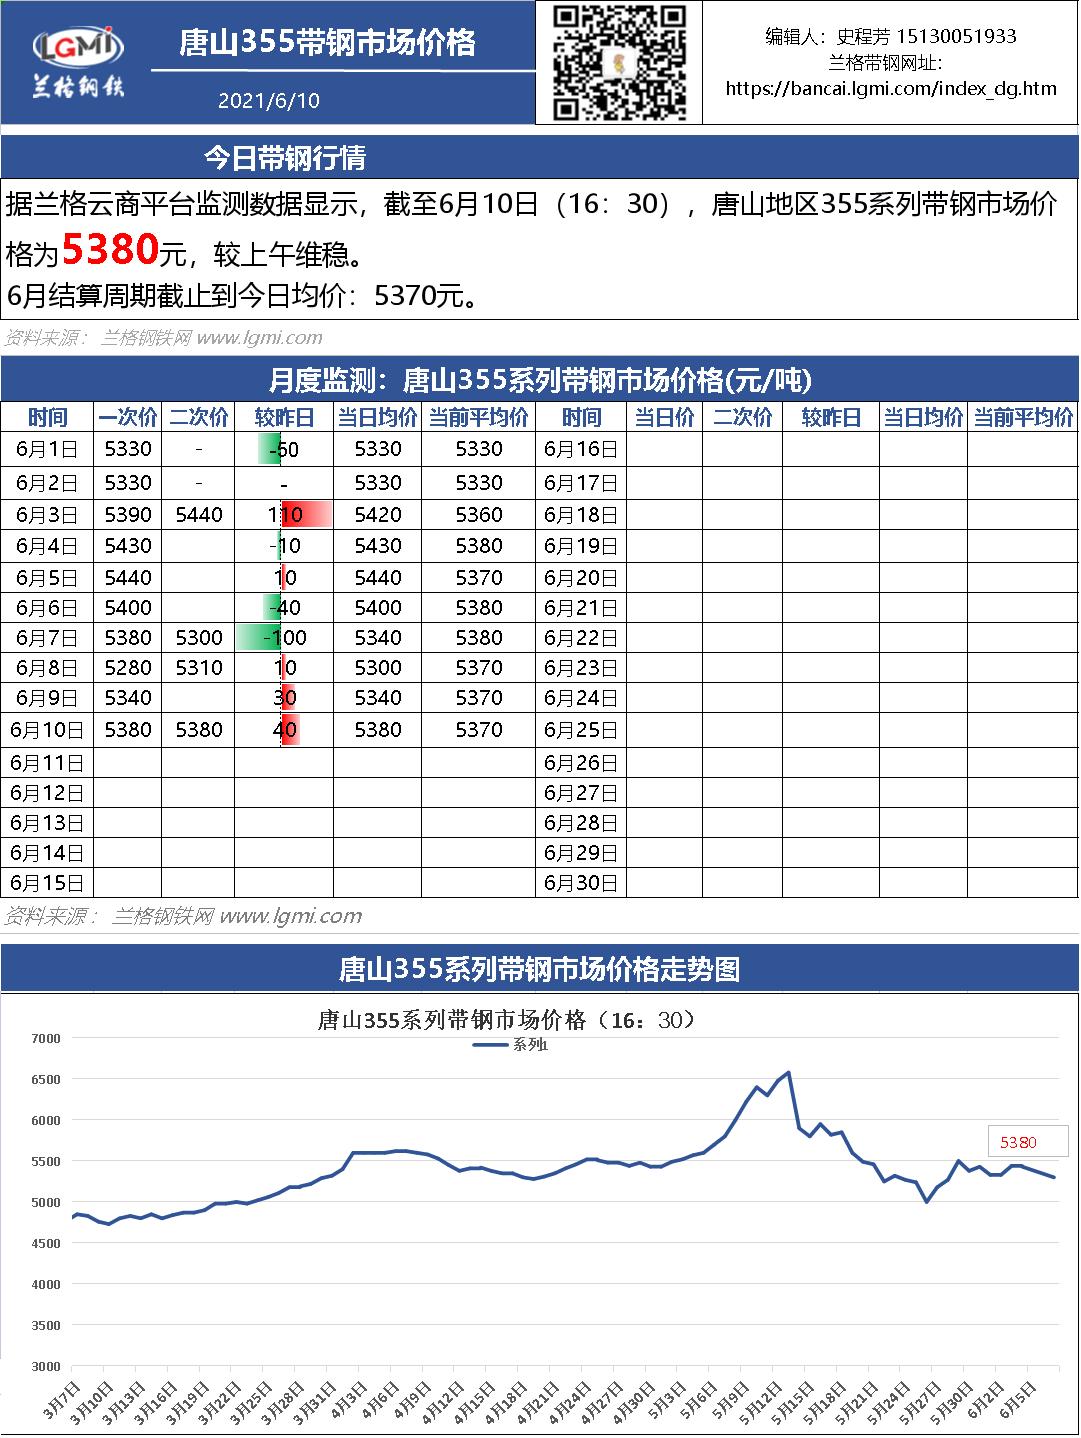 6月10日(16:30)唐山355系带钢市场价格